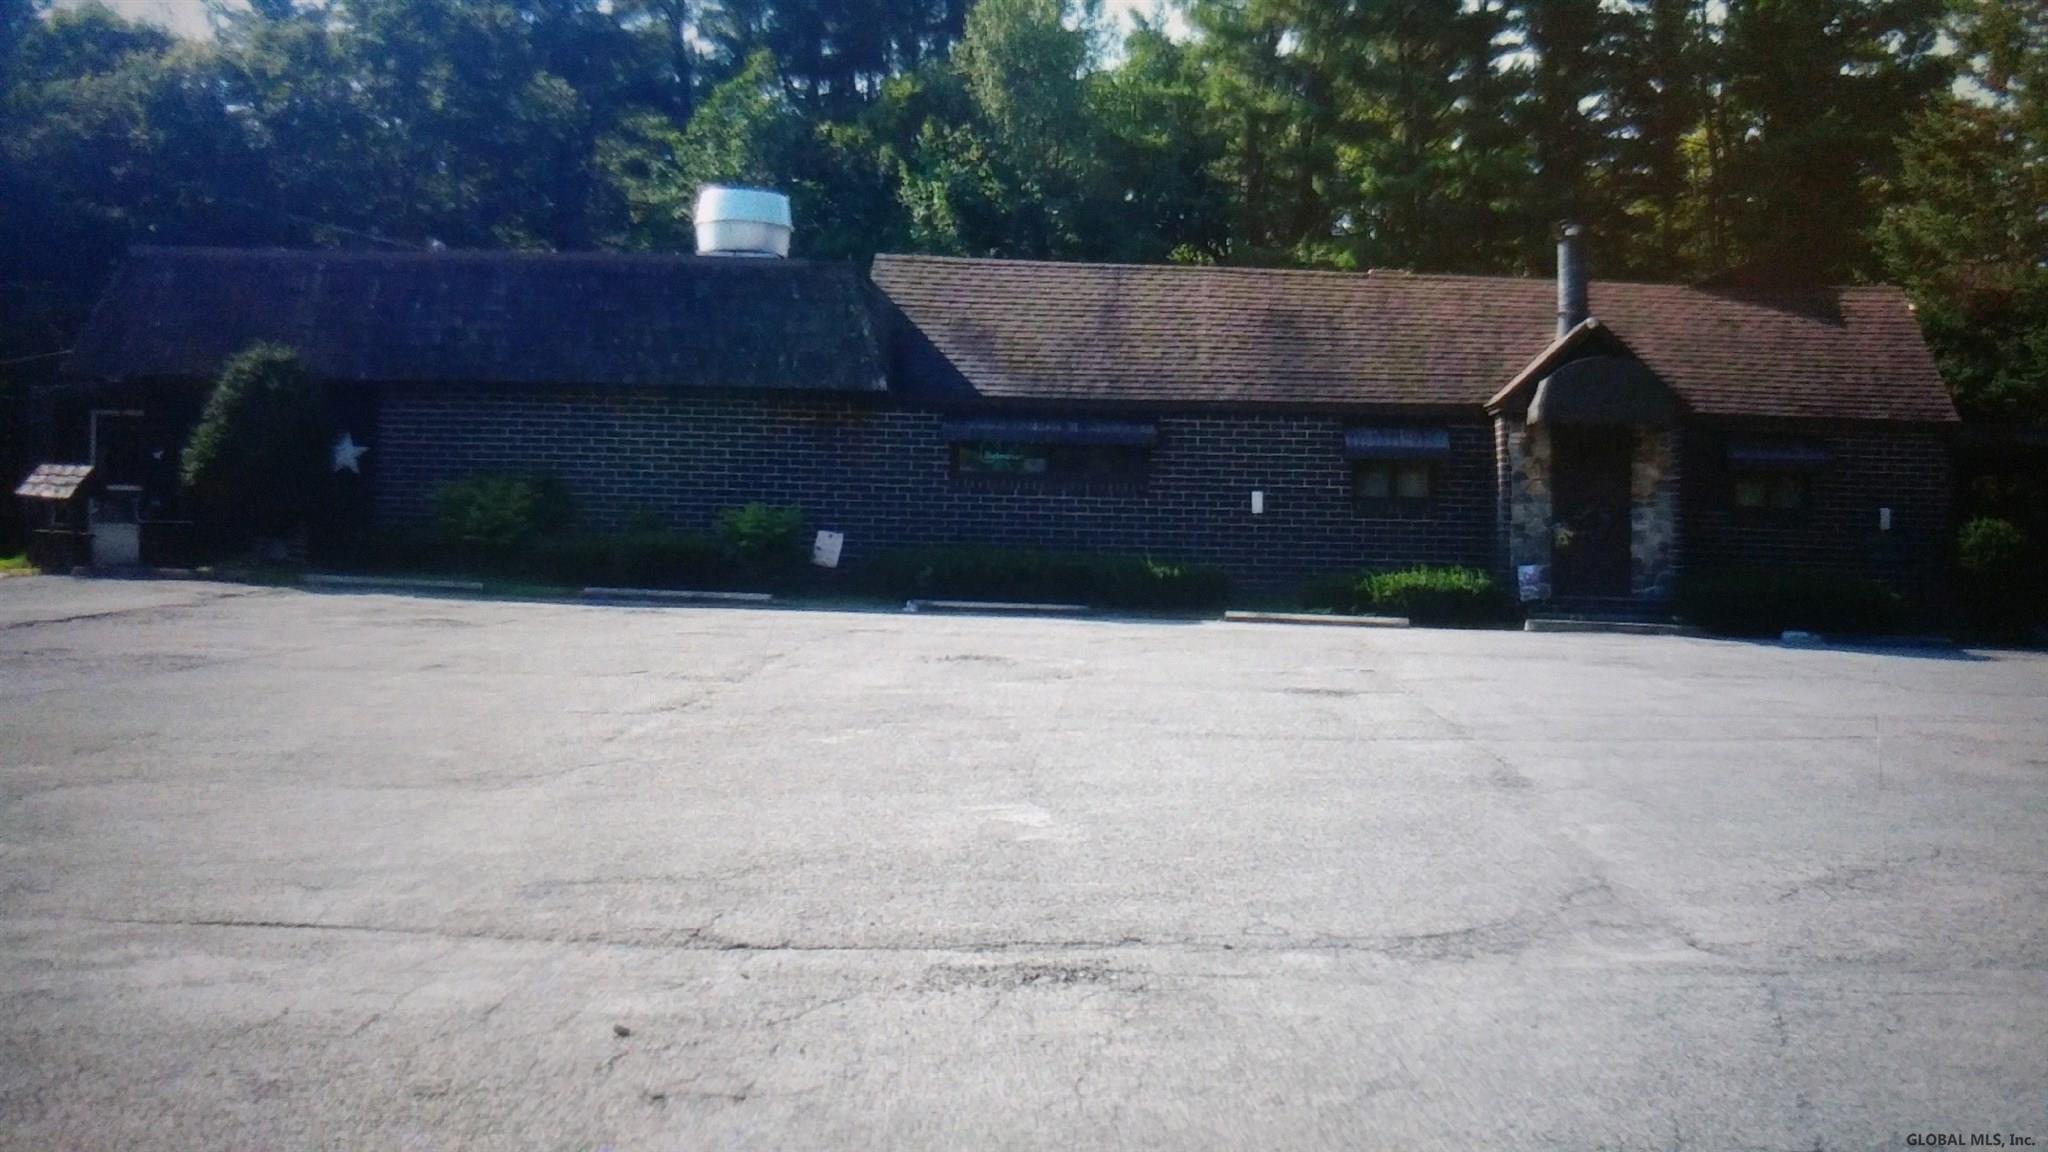 Gloversville image 83